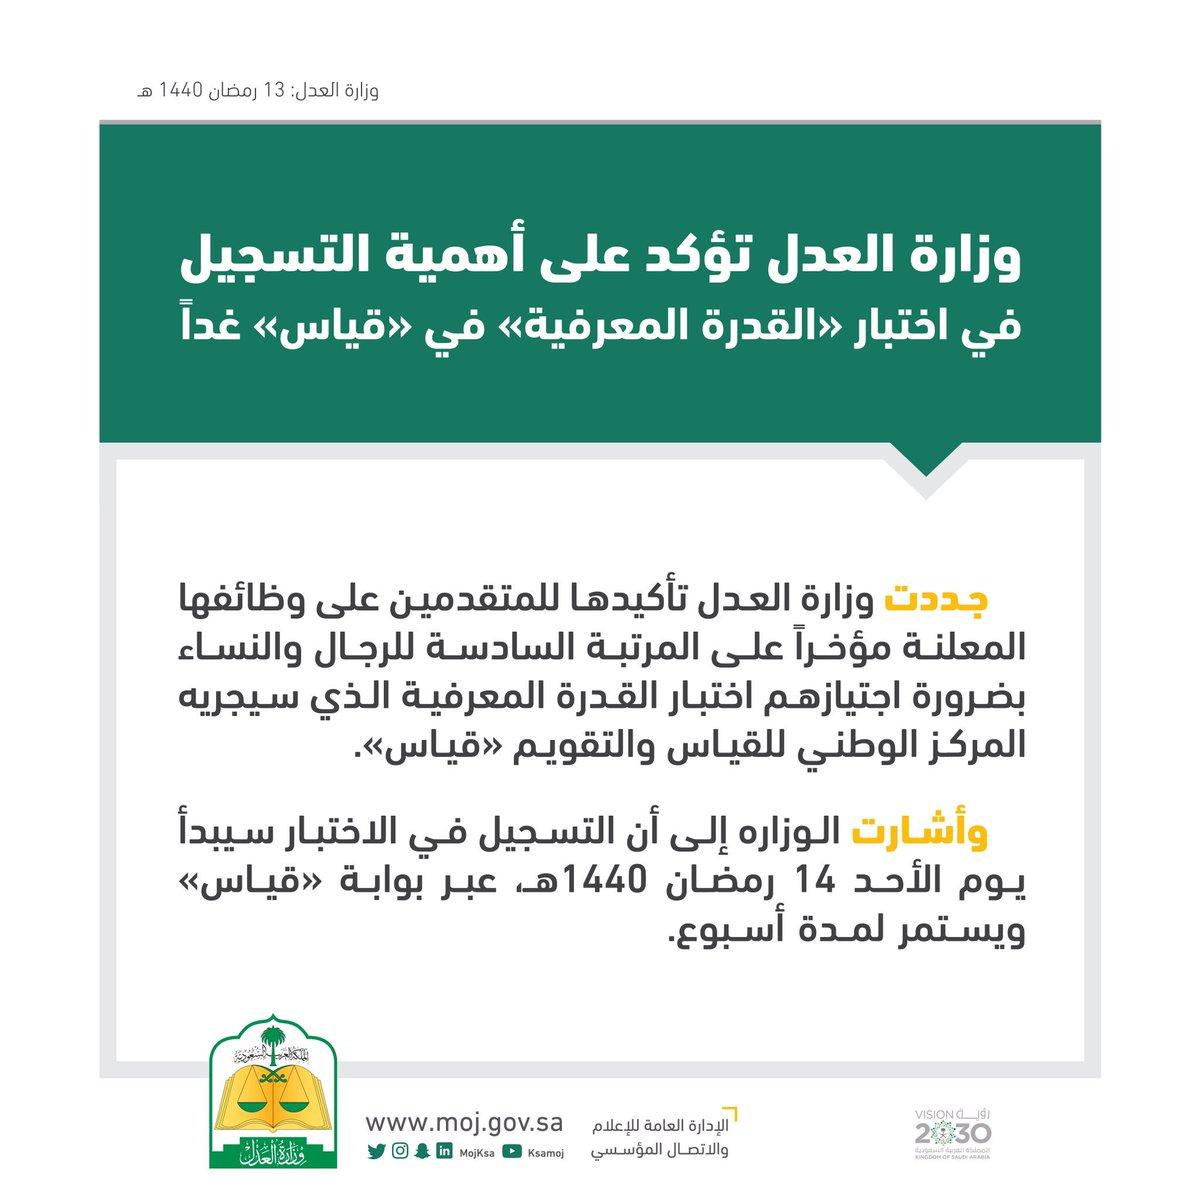 وزارة العدل On Twitter وزارة العدل تؤكد على أهمية التسجيل في اختبار القدرة المعرفية الذي سيجريه مركز قياس Qiyasonline للمتقدمين على وظائفها المعلنة على المرتبة السادسة للرجال والنساء Https T Co Xq2ayhim7j